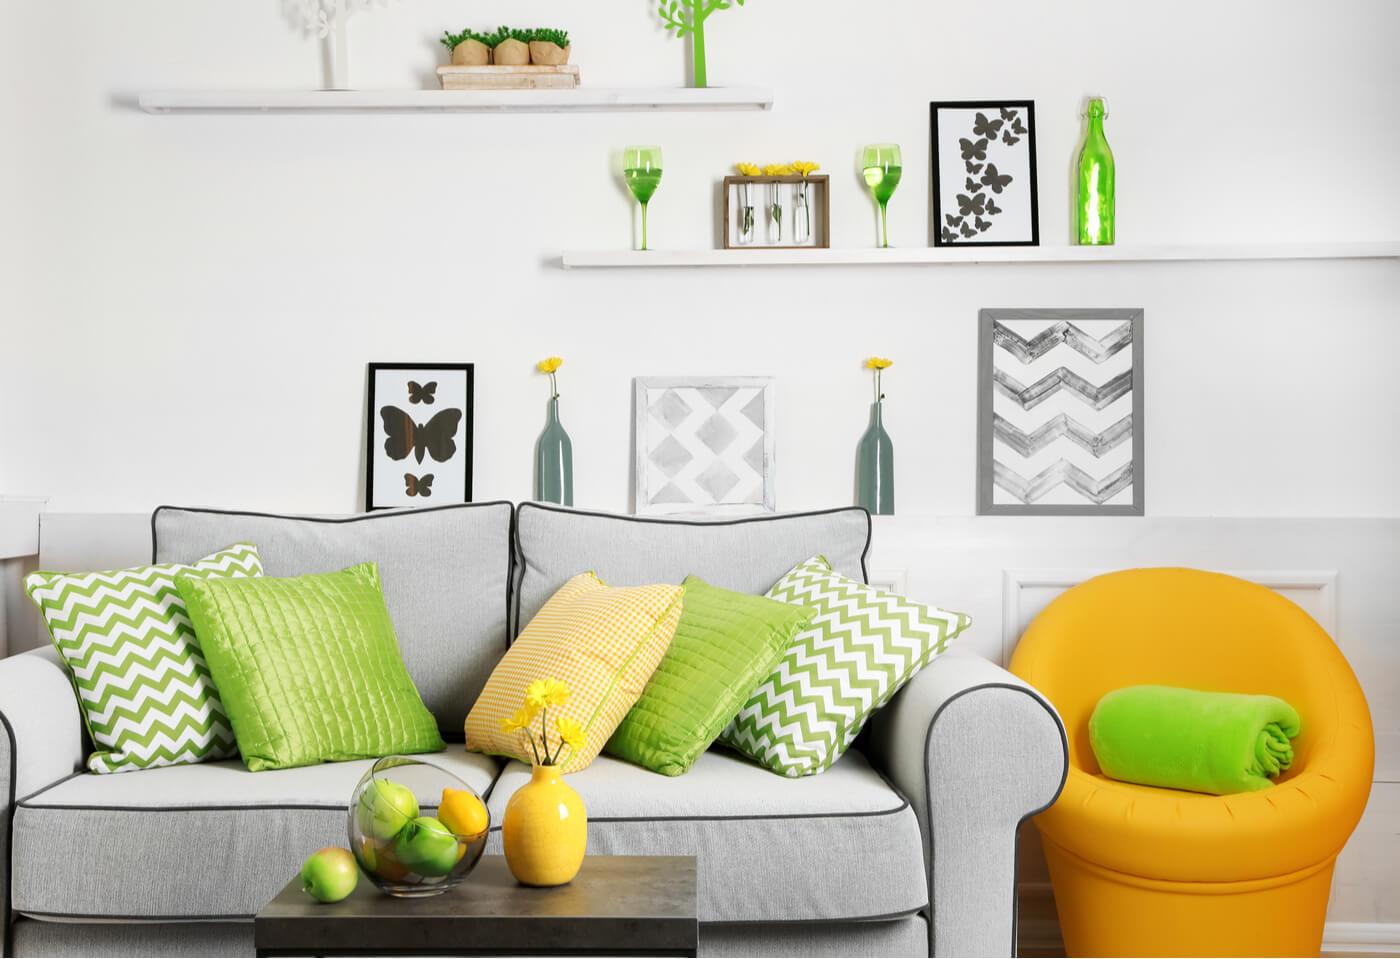 Relación entre el verde y el amarillo para decorar los interiores